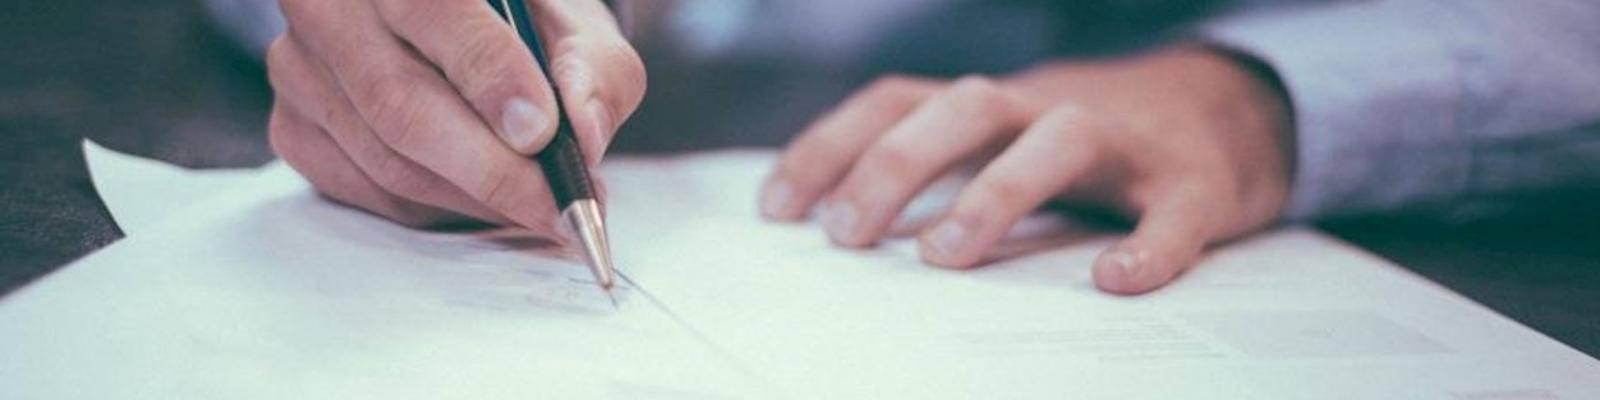 papieren ondertekenen